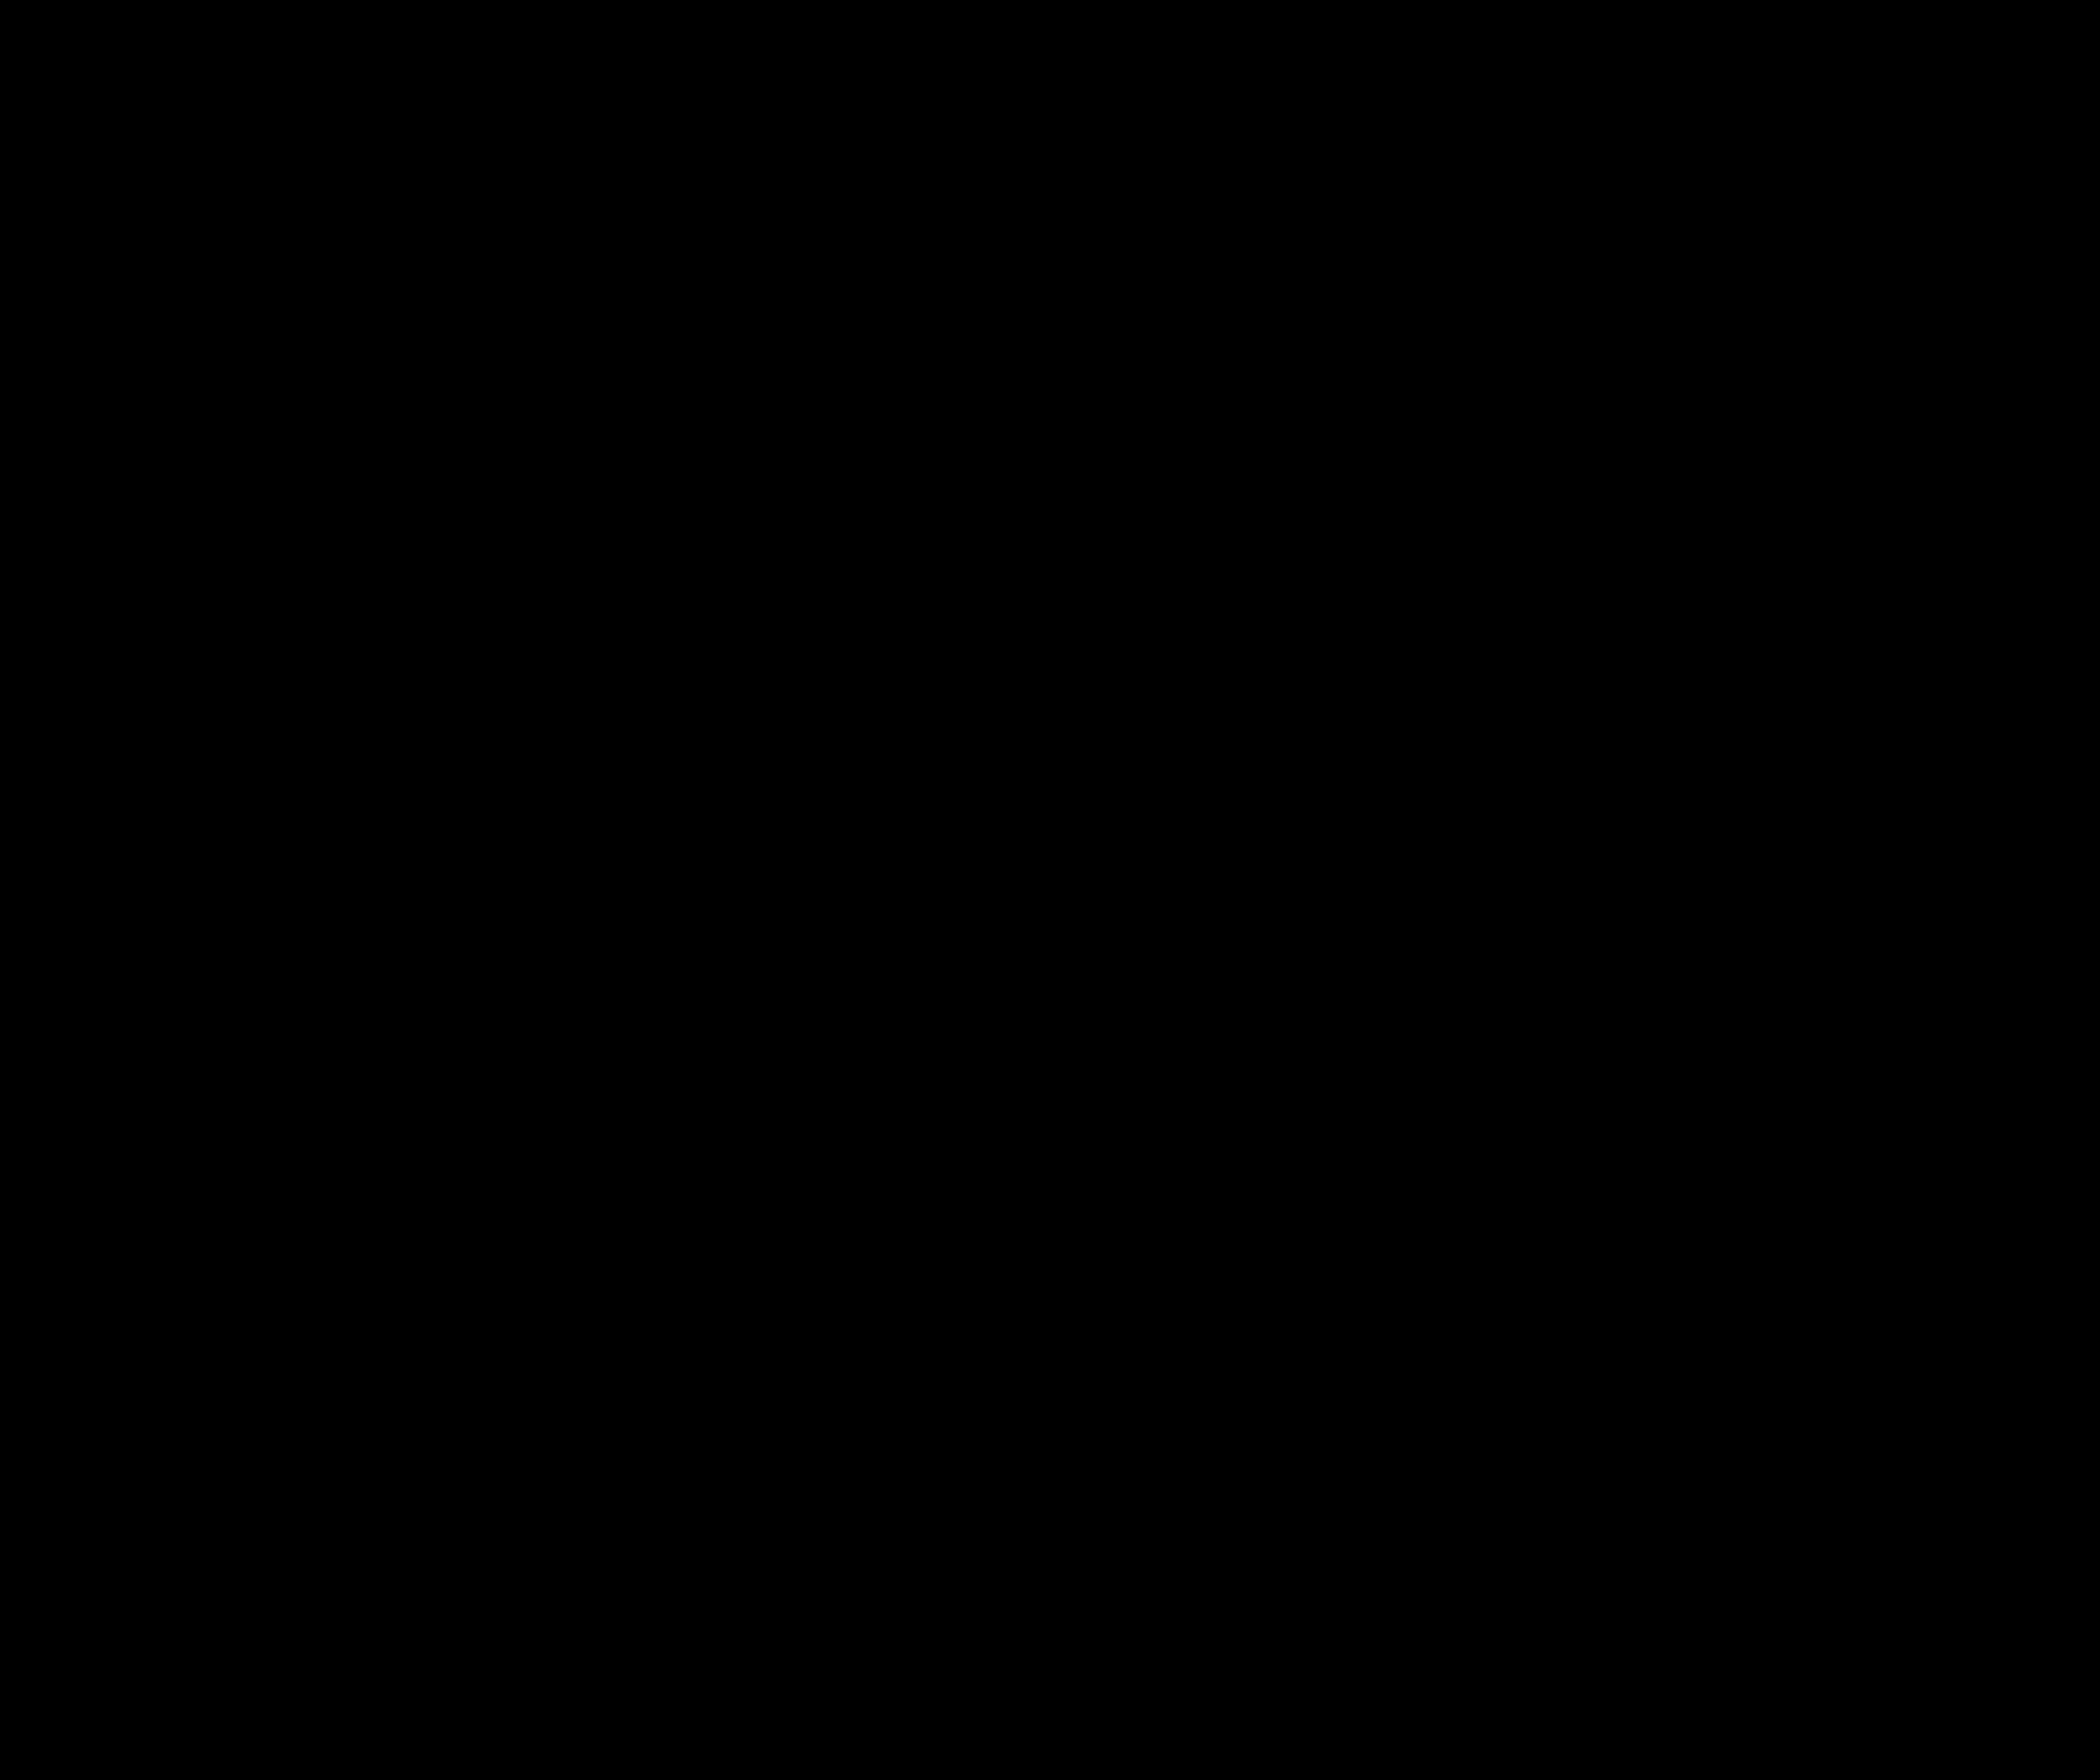 RH pourquoi risquer les prudhommes plutôt que de sensibiliser vos équipes au harcèlement